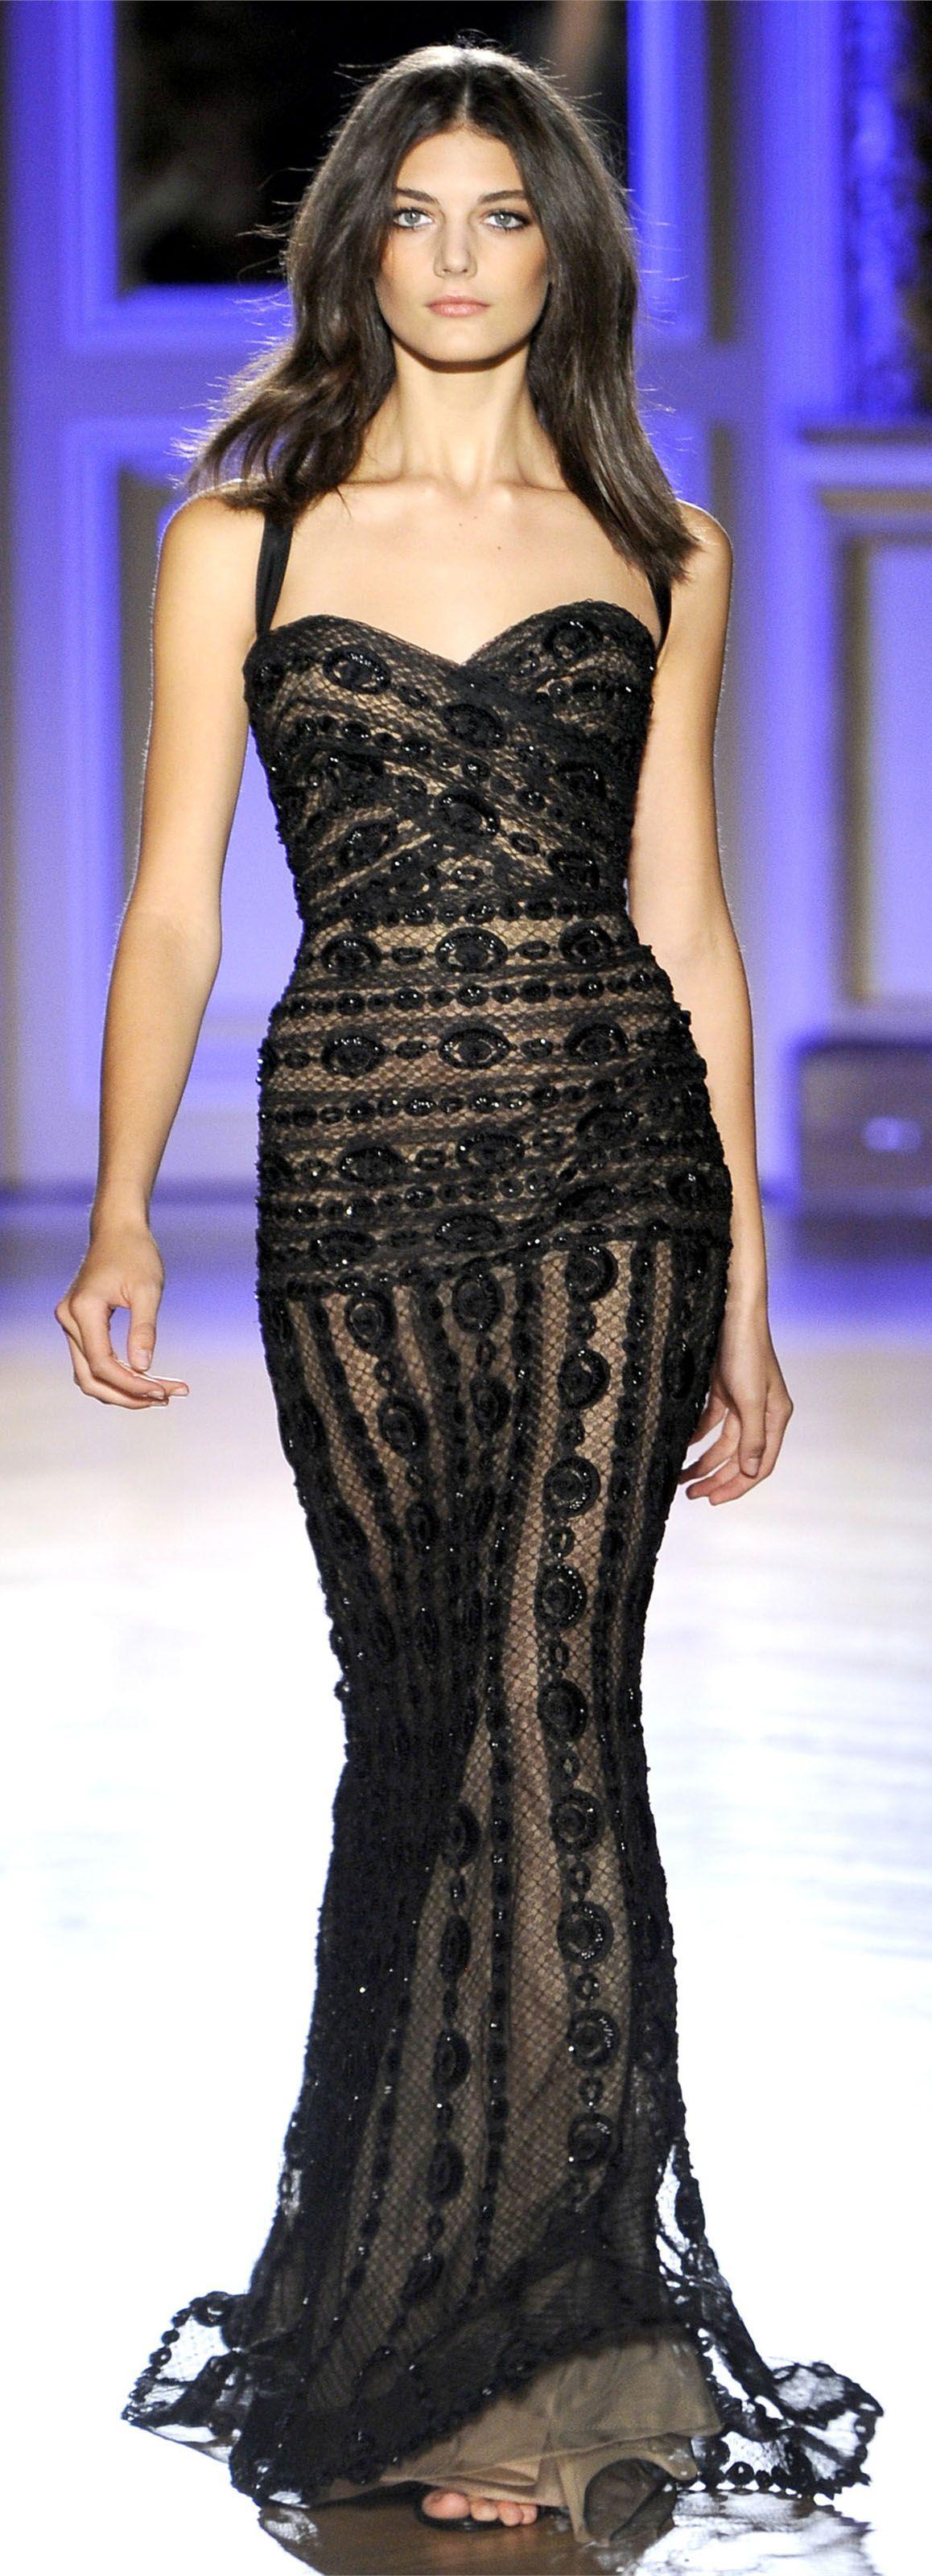 e98553a469f4 Zuhair Murad Haute Couture Spring Summer 2012 collection